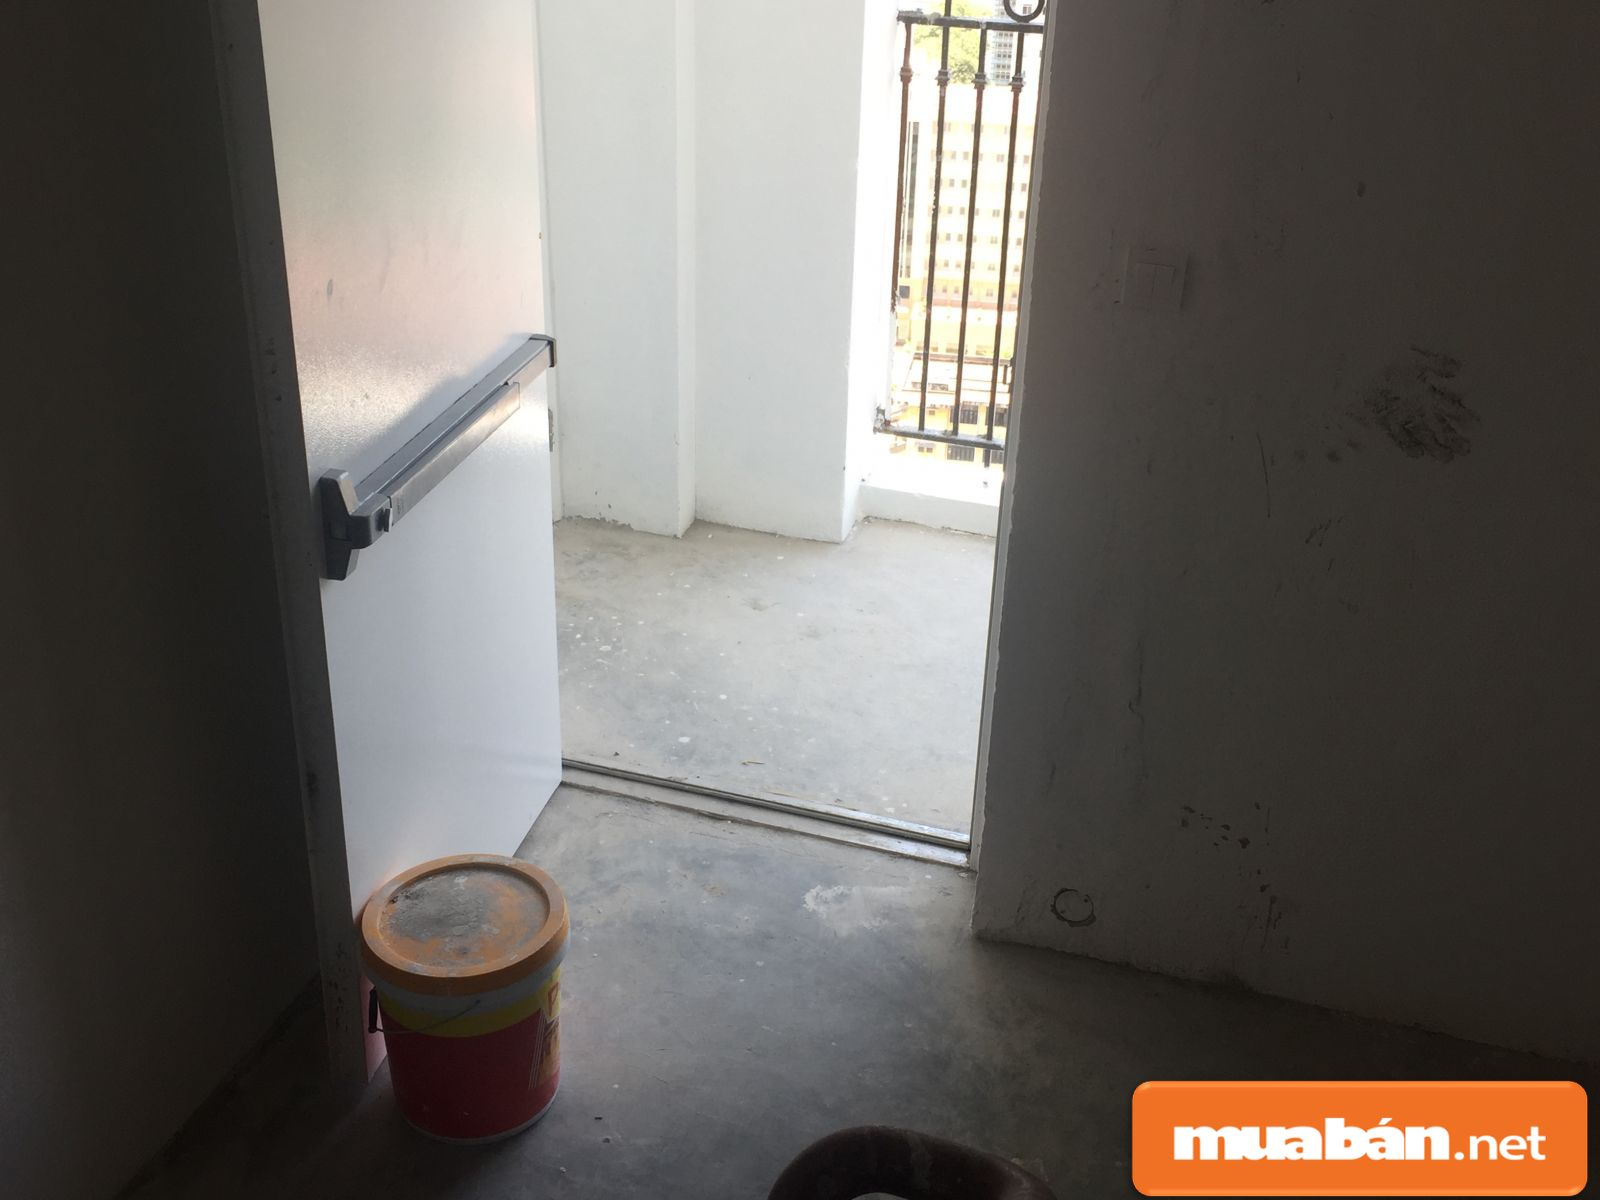 Hình ảnh chụp lối cửa thoát hiểm trong chung cư.